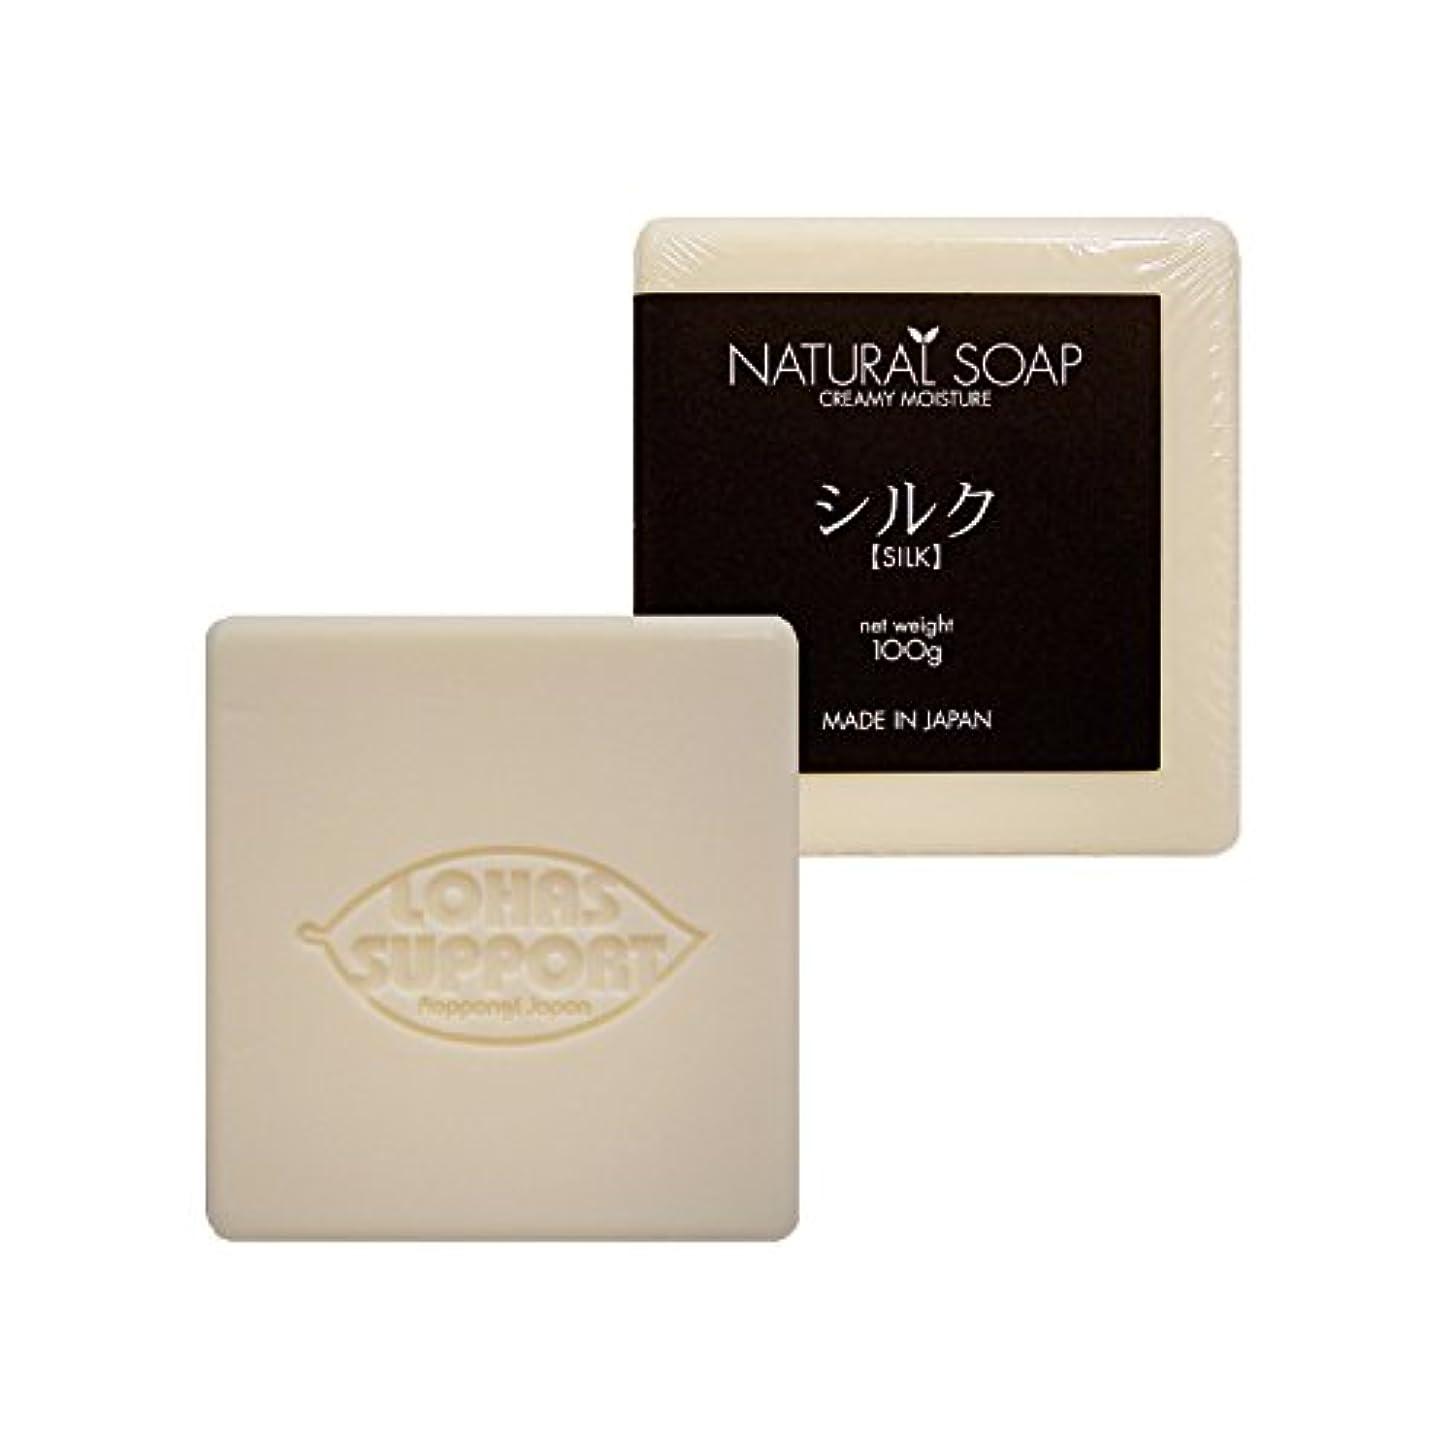 ブラストコート夜明けNATURAL SOAP